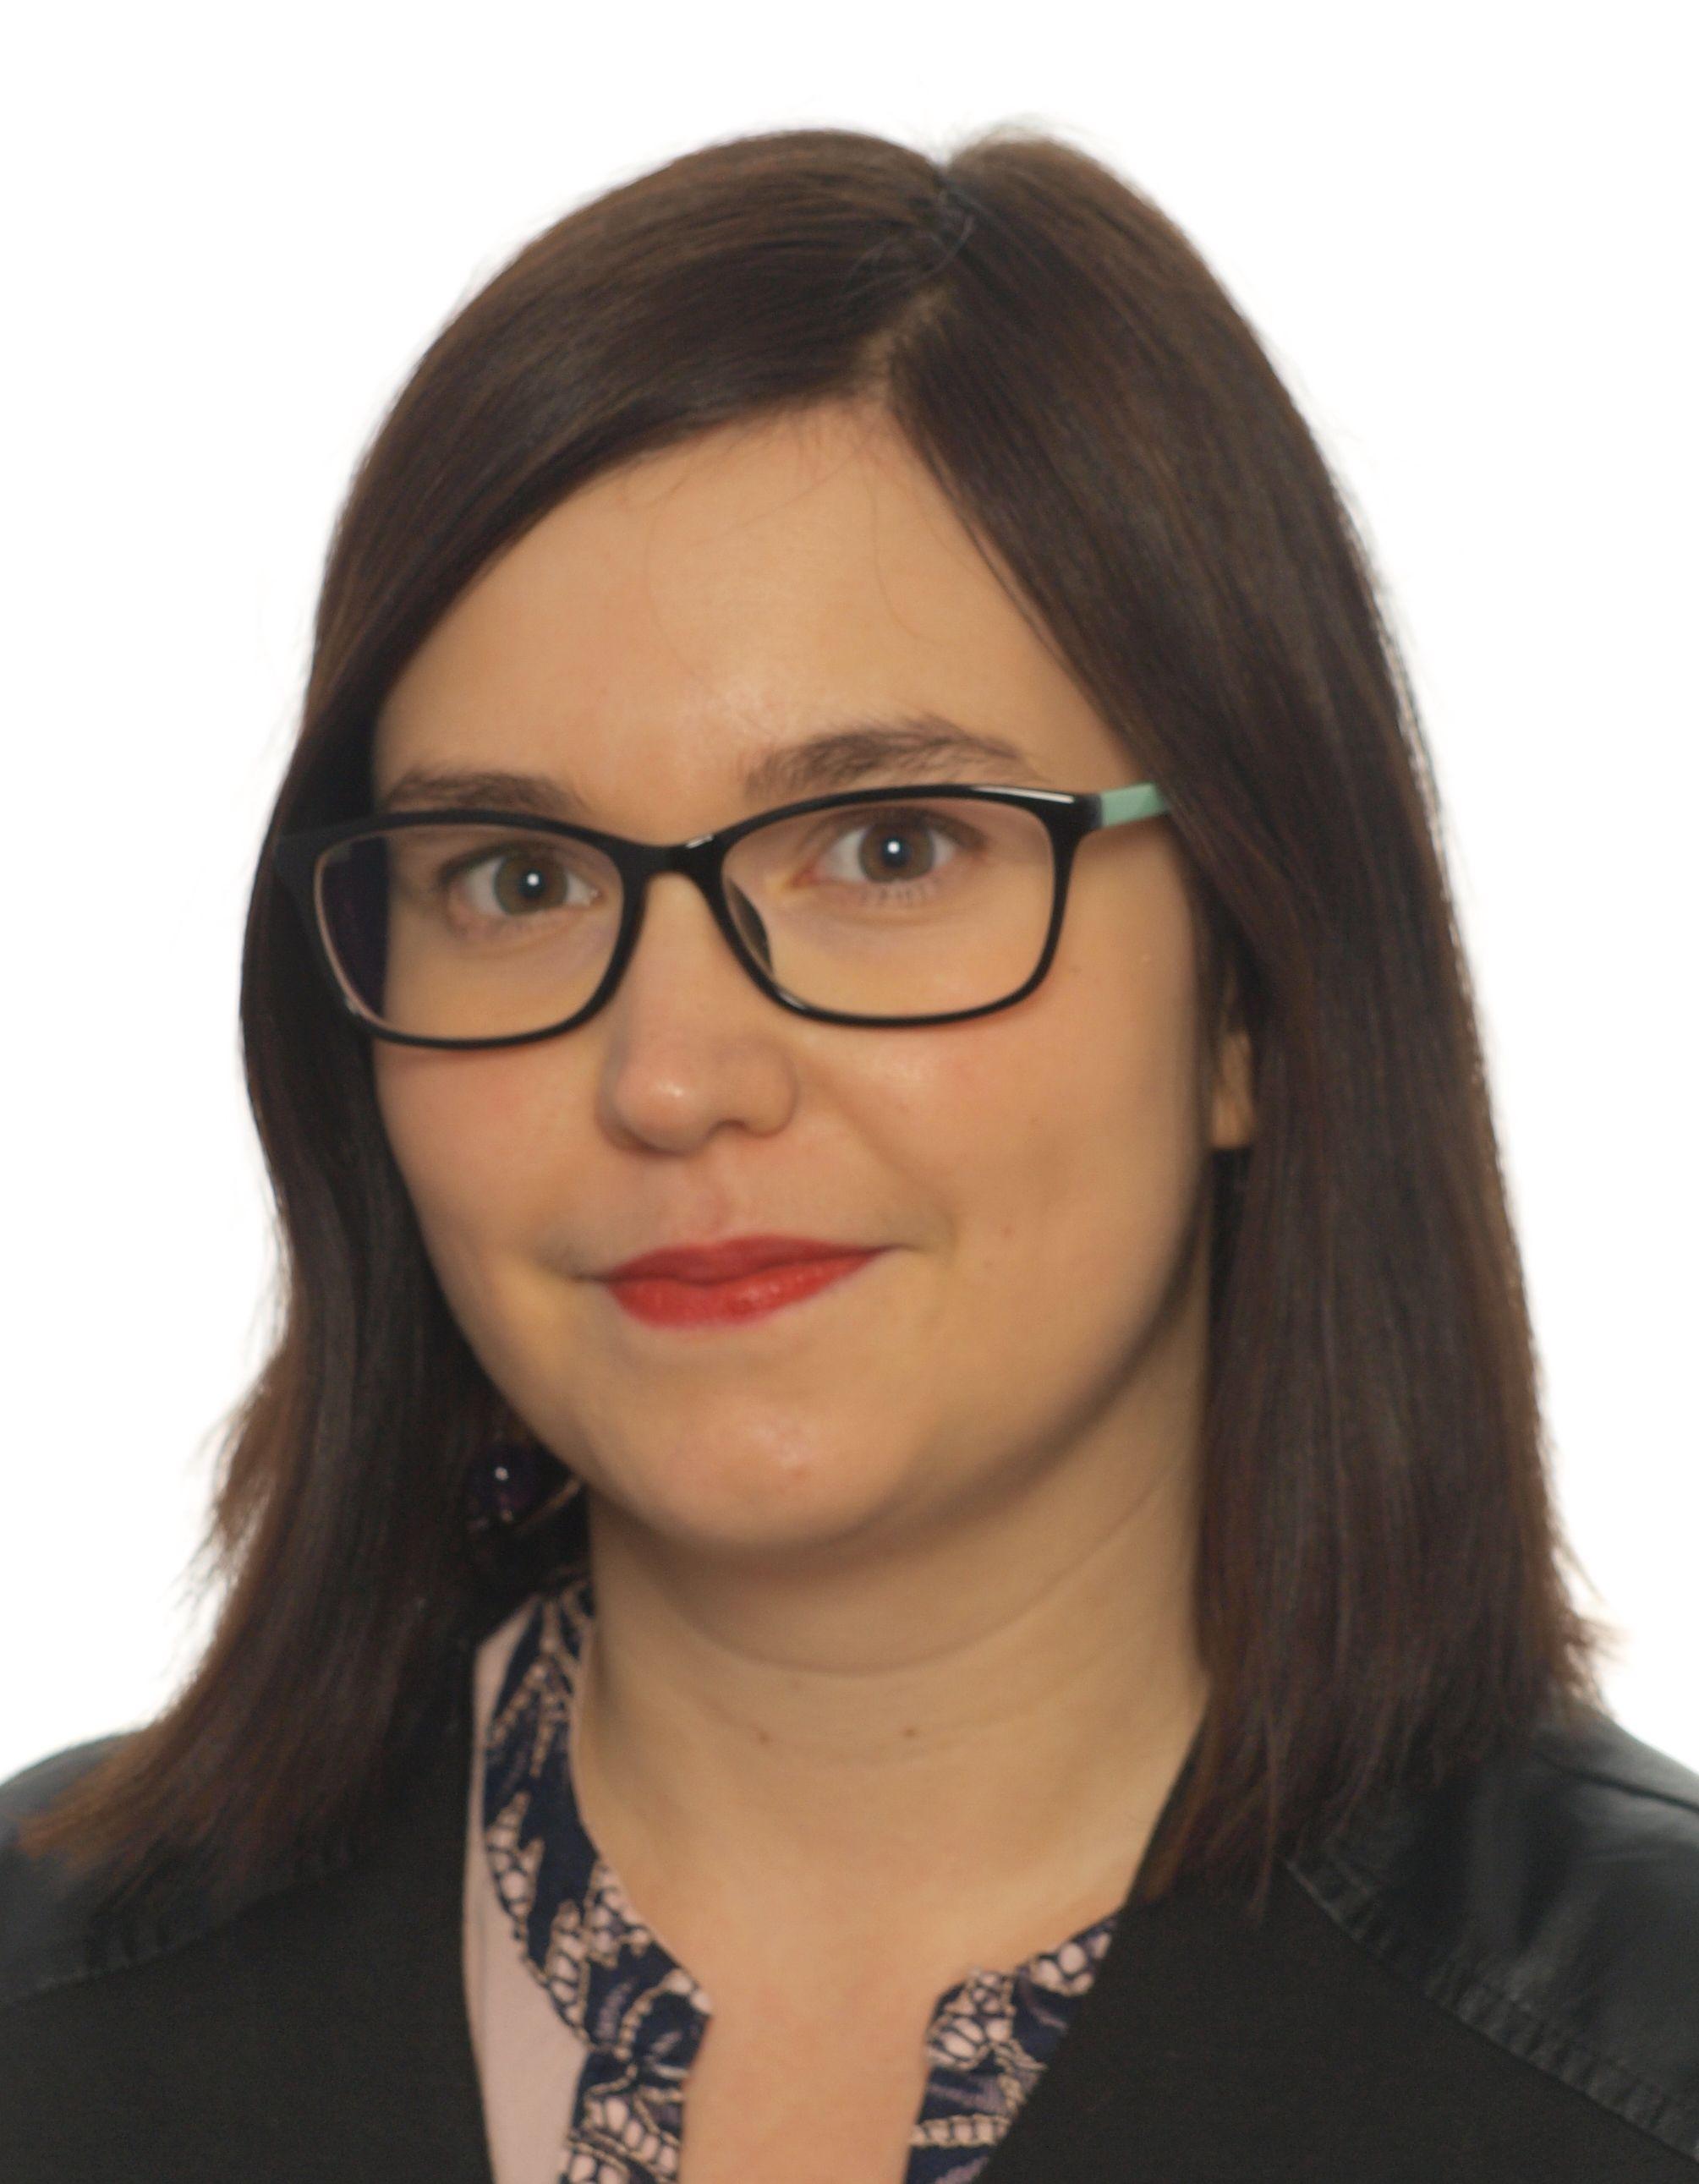 Joanna Wałkowska